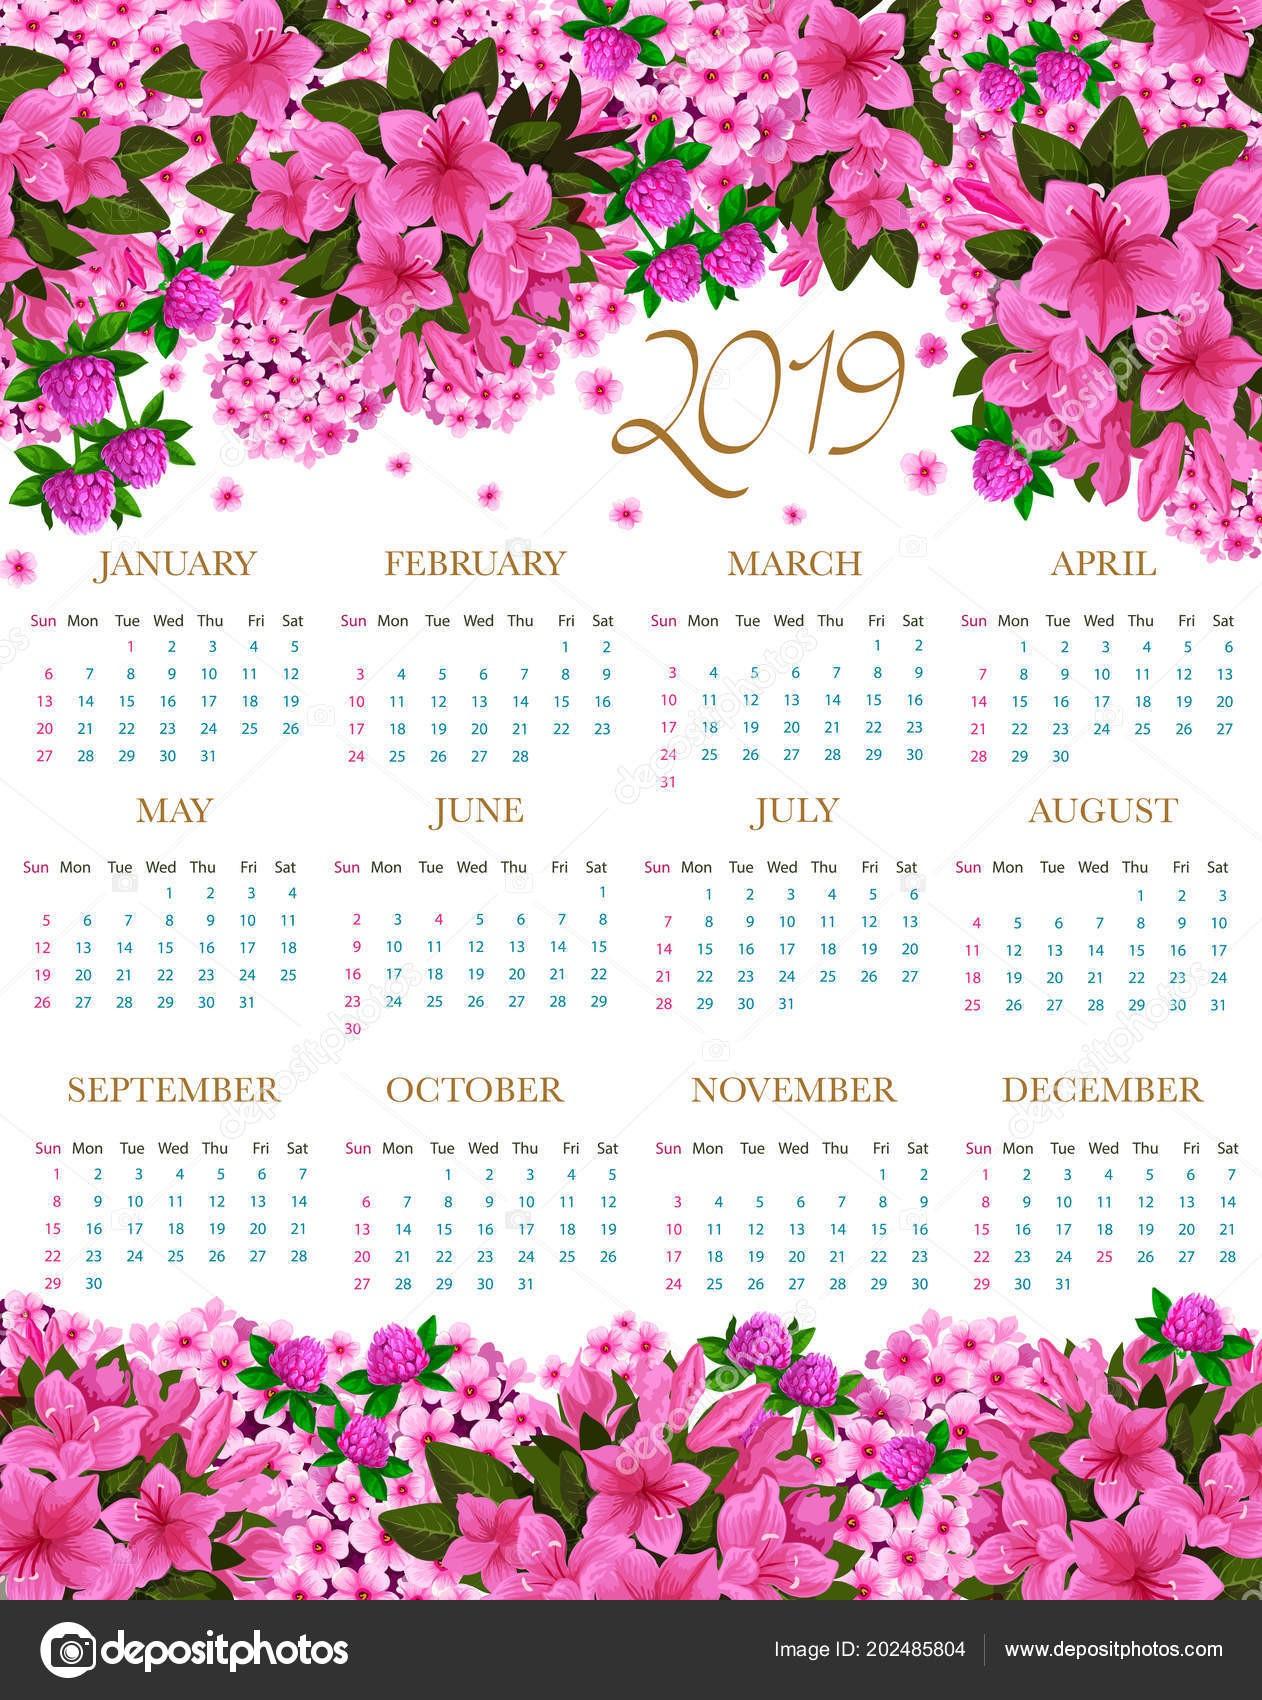 Vektorové květinov½ design kvetouc zahrada růž a vzkvétat květy ibiÅ¡ku nebo jetel a Å¡afrán pro květnaté 2019 měsÄnho kalendáře — Vektor od